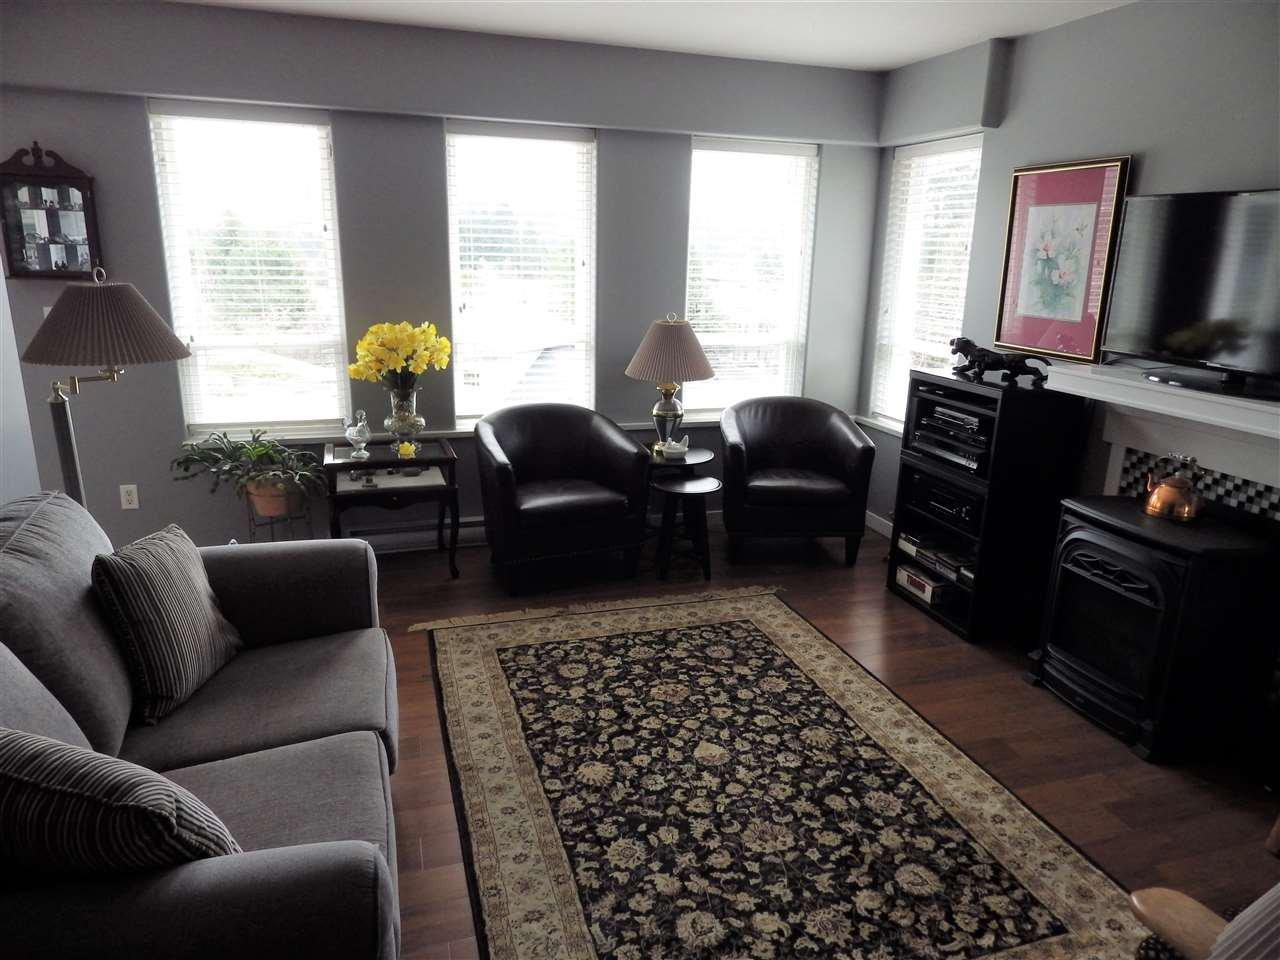 Photo 3: Photos: 5599 MEDUSA Place in Sechelt: Sechelt District House for sale (Sunshine Coast)  : MLS®# R2344394